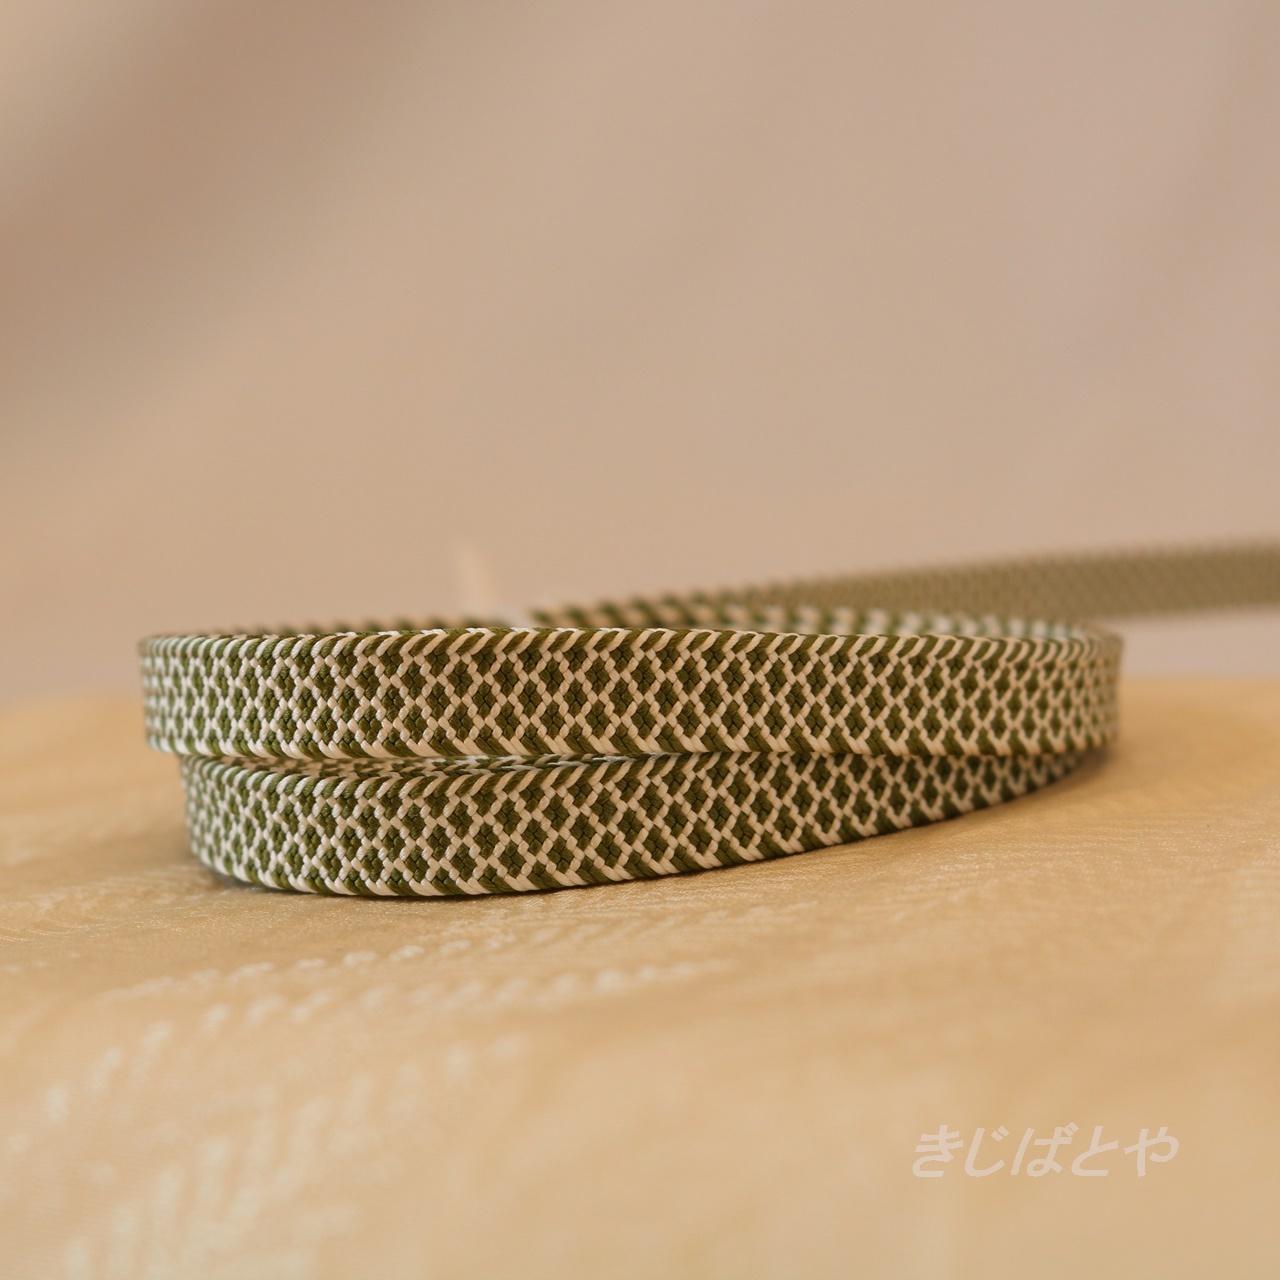 正絹 抹茶色の鱗の三分紐